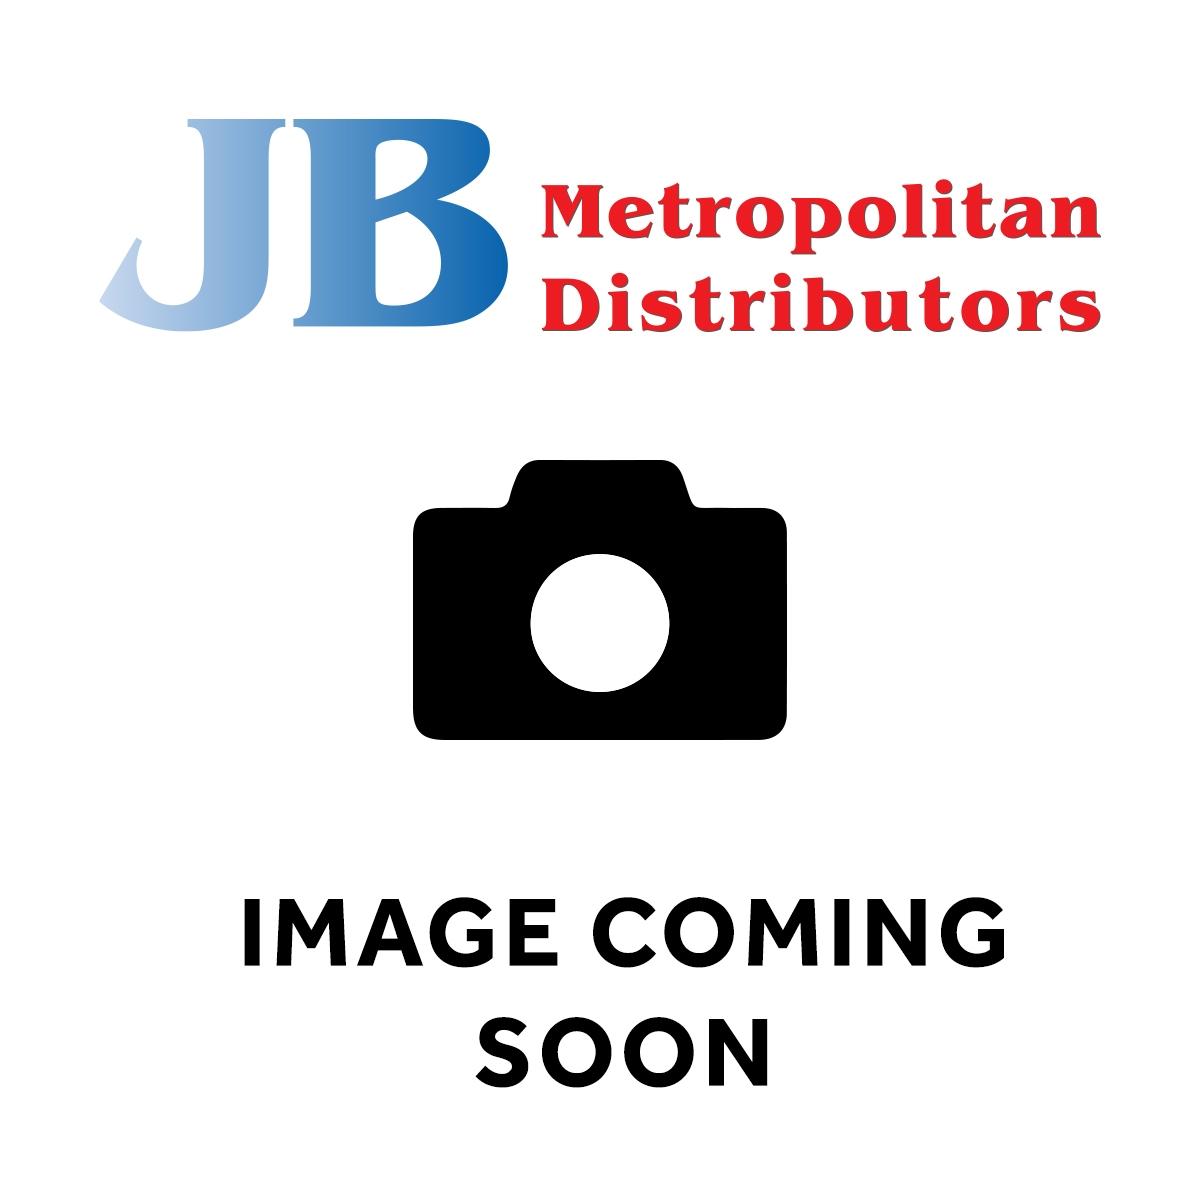 150G SDSC'S JERSEY CHOC ORANGE